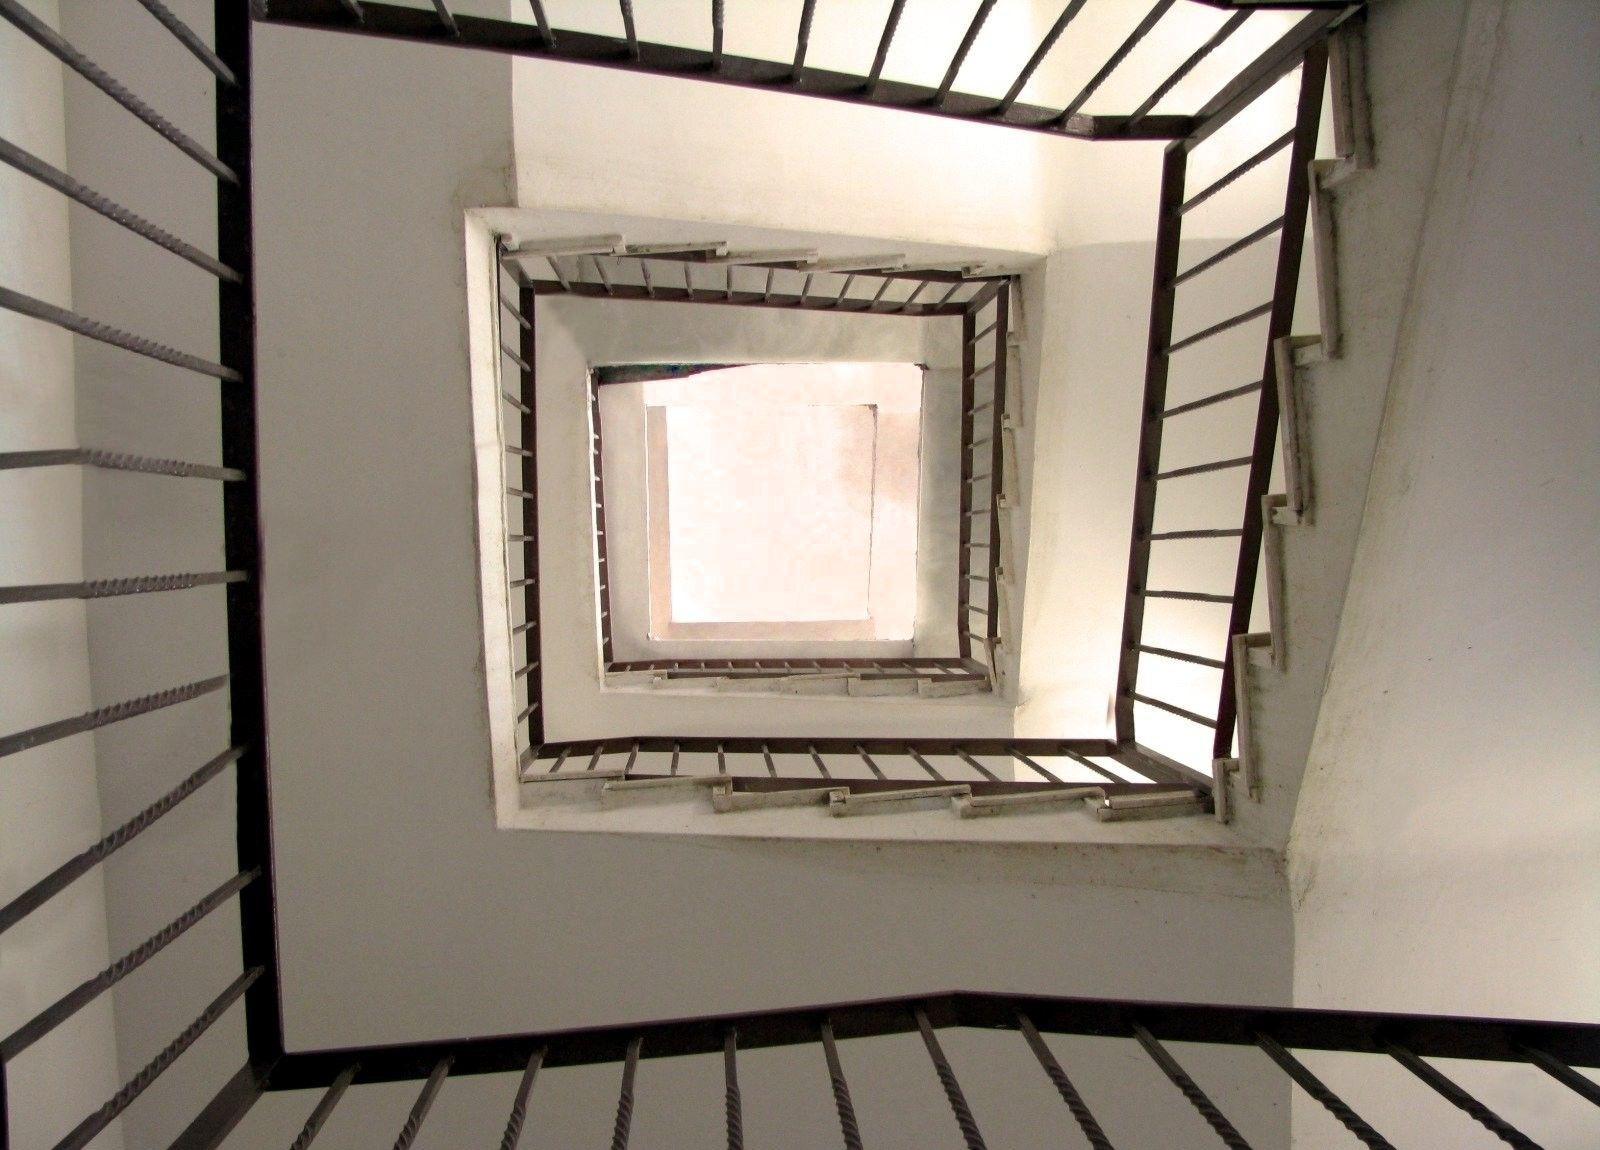 무료 이미지 : 내부, 벽, 계단, 천장, 재산, 거실, 방, 조명 ...